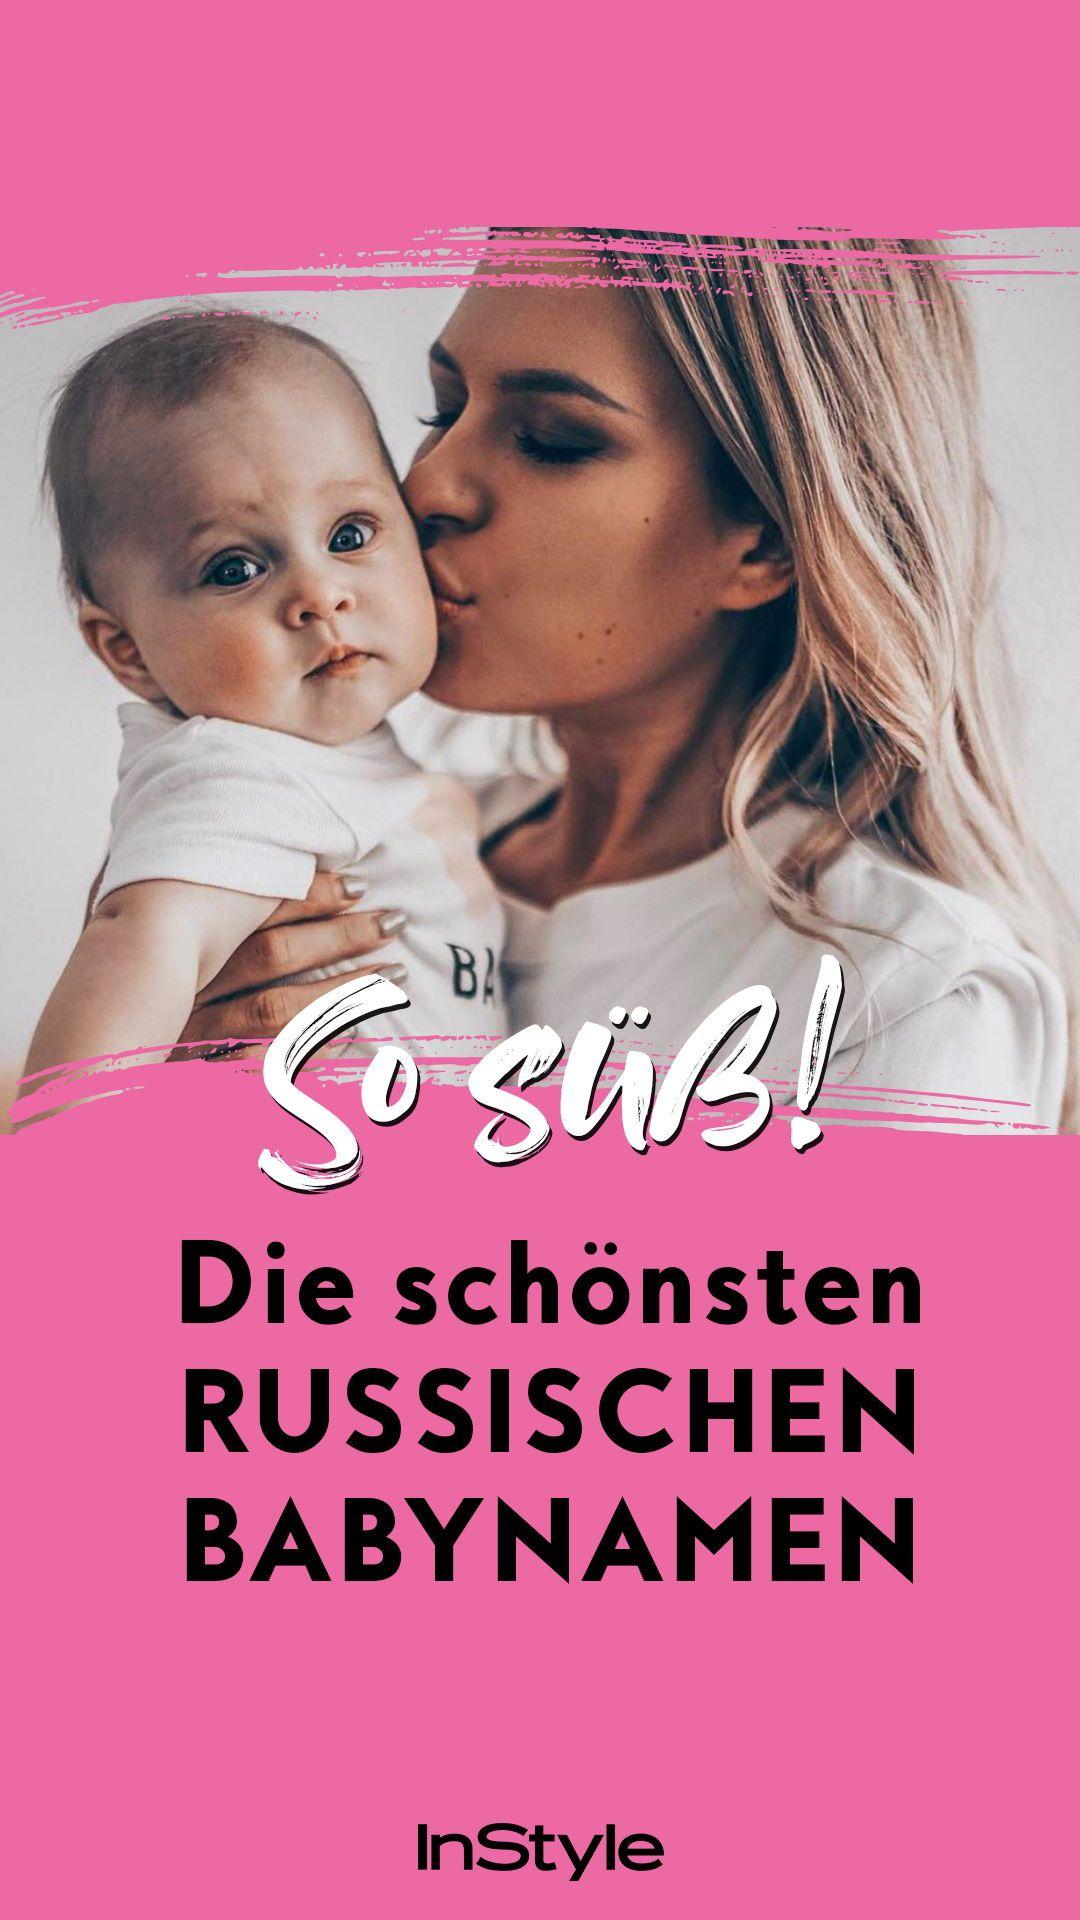 Awww 10 Russische Babynamen Die Wirklich Zum Schreien Suss Sind Babynamen Seltene Babynamen Baby